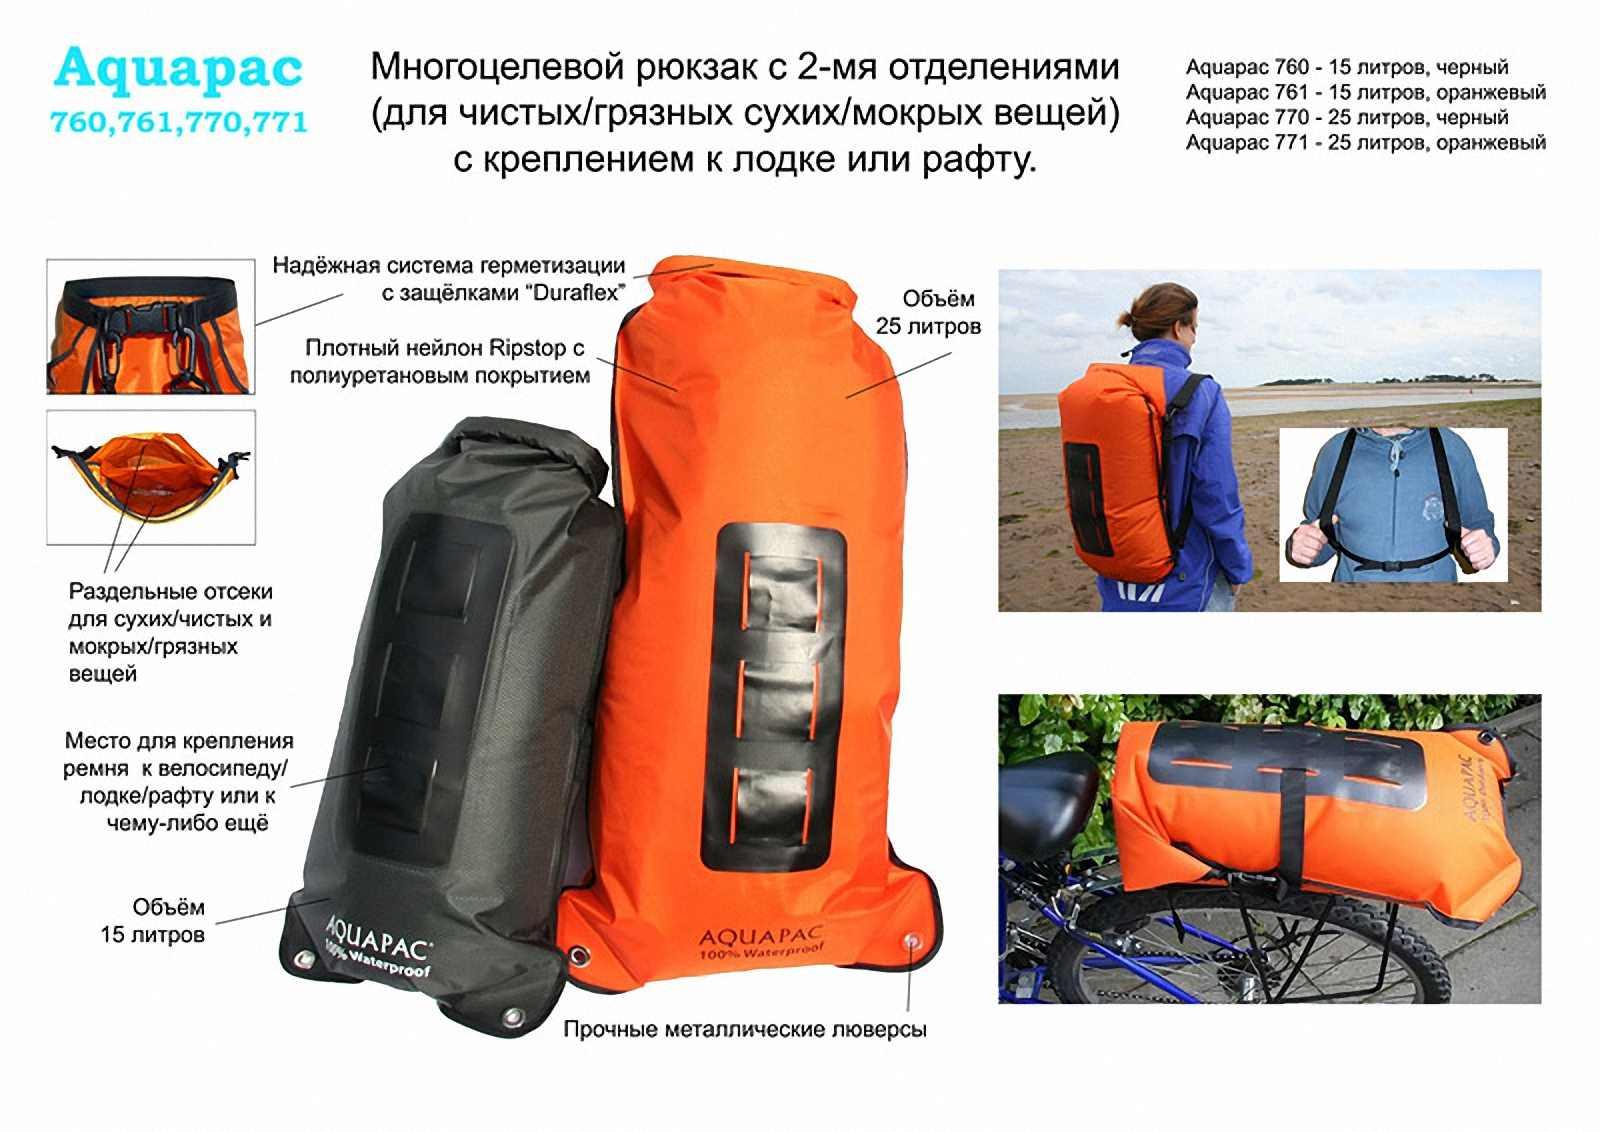 Водонепроницаемый гермомешок-рюкзак (с двумя плечевыми ремнями) Aquapac 770 - Noatak Wet & Drybag - 25L.. Aquapac - №1 в мире водонепроницаемых чехлов и сумок. Фото 1